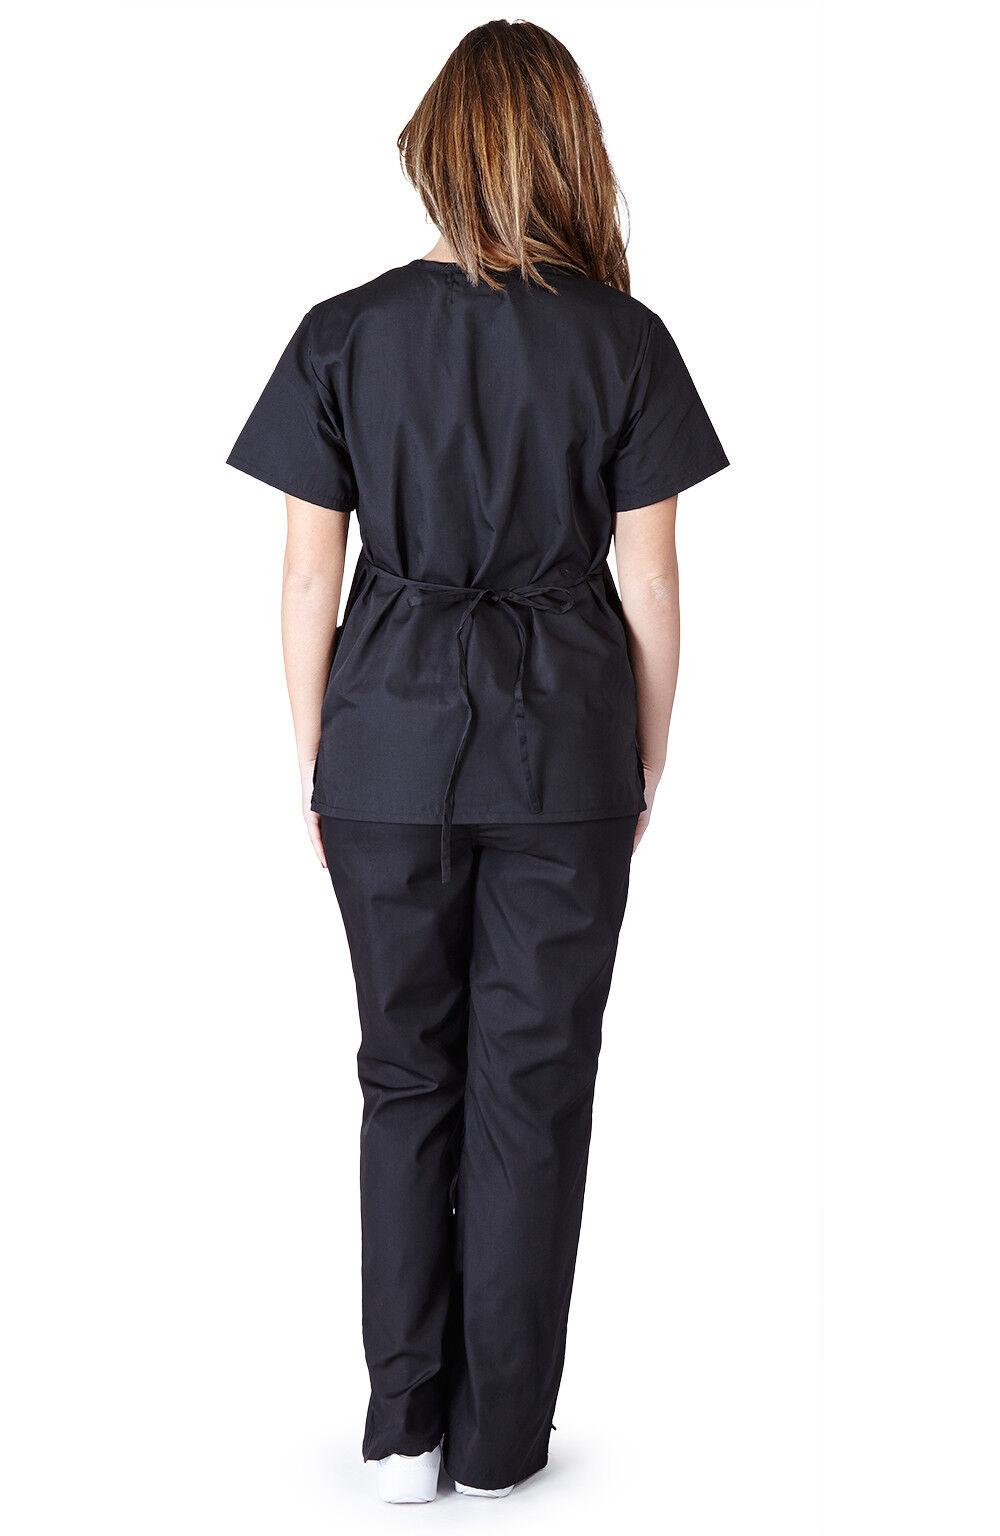 Medical Women Scrubs Sets NATURAL UNIFORMS Size XS S M L XL 2XL 3XL Mock Wrap